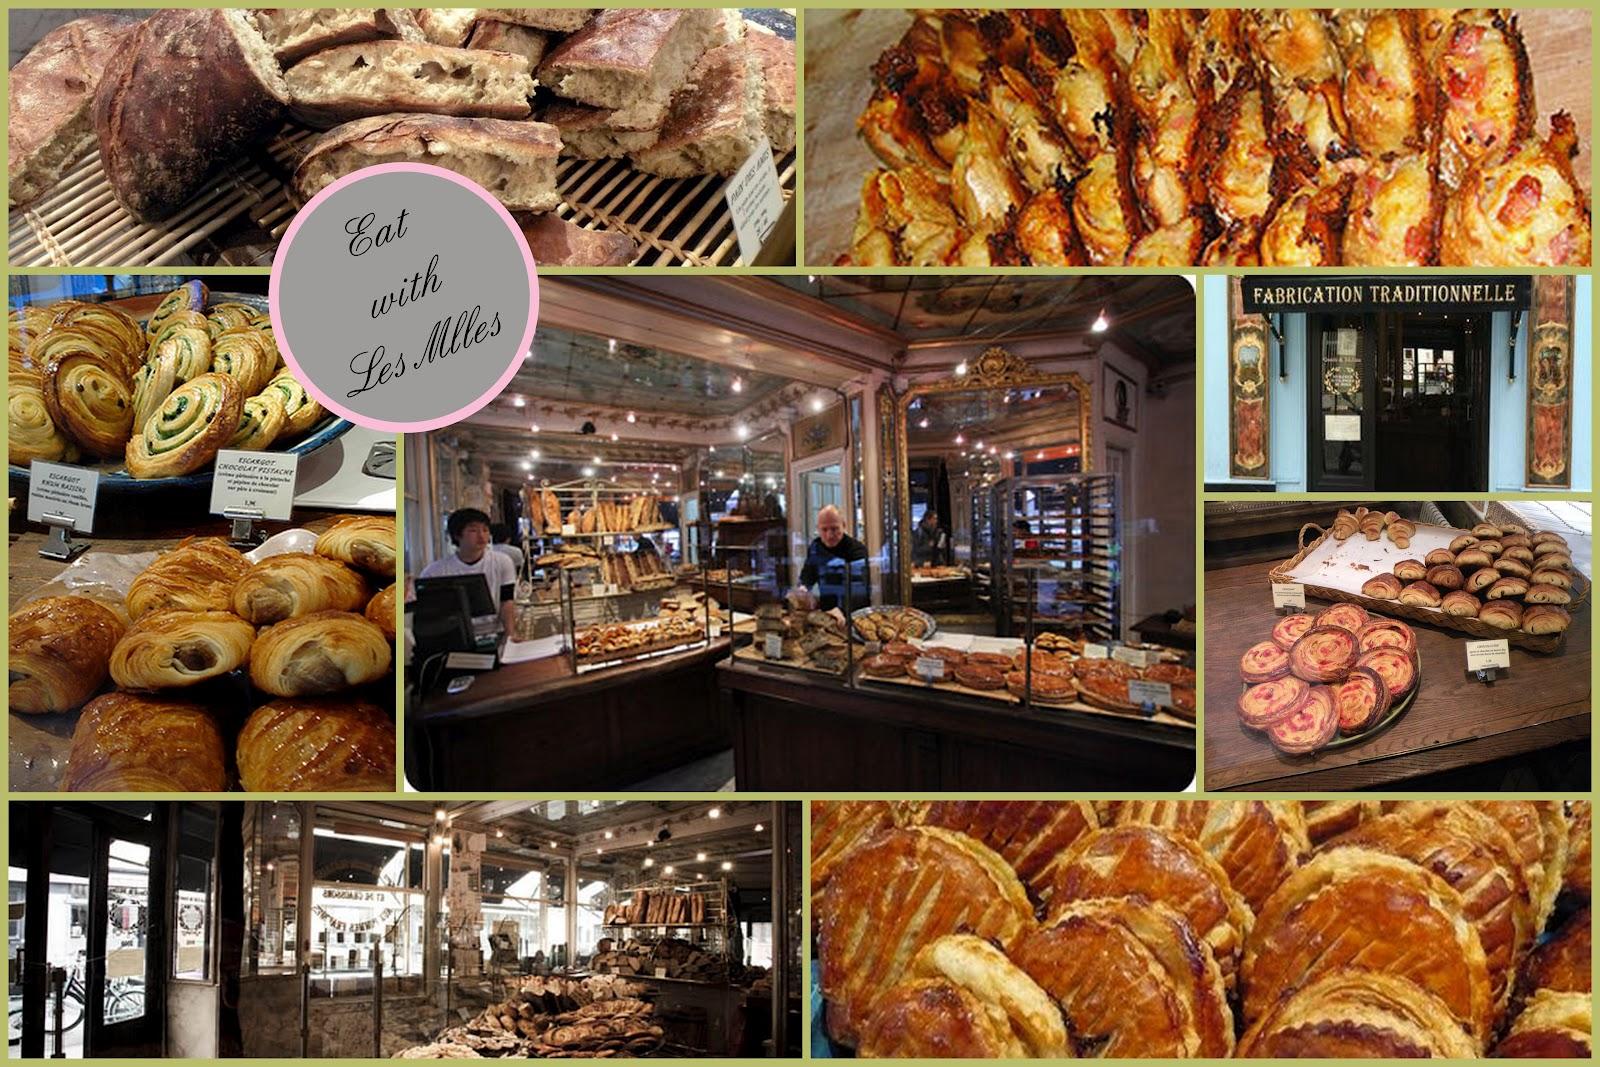 Guia de paris du pain et des id es for Salon du pain paris